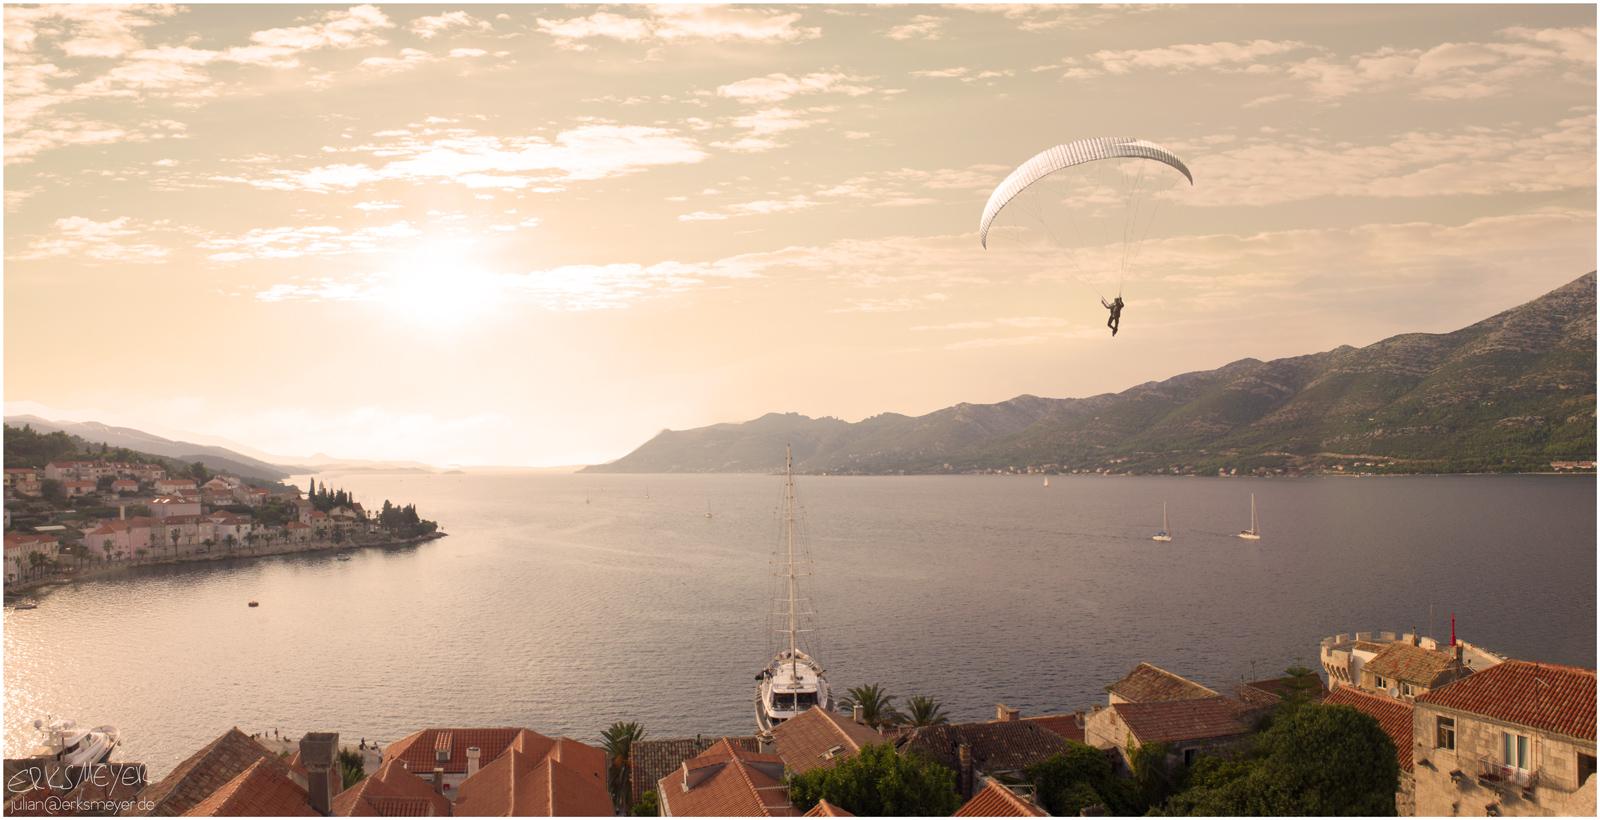 Commercial Advertisement Composing Landscape Ad Photoshop Composite 3D Photography Landscape Sunset Sun Paraglider Parachute by Julian Erksmeyer 2017